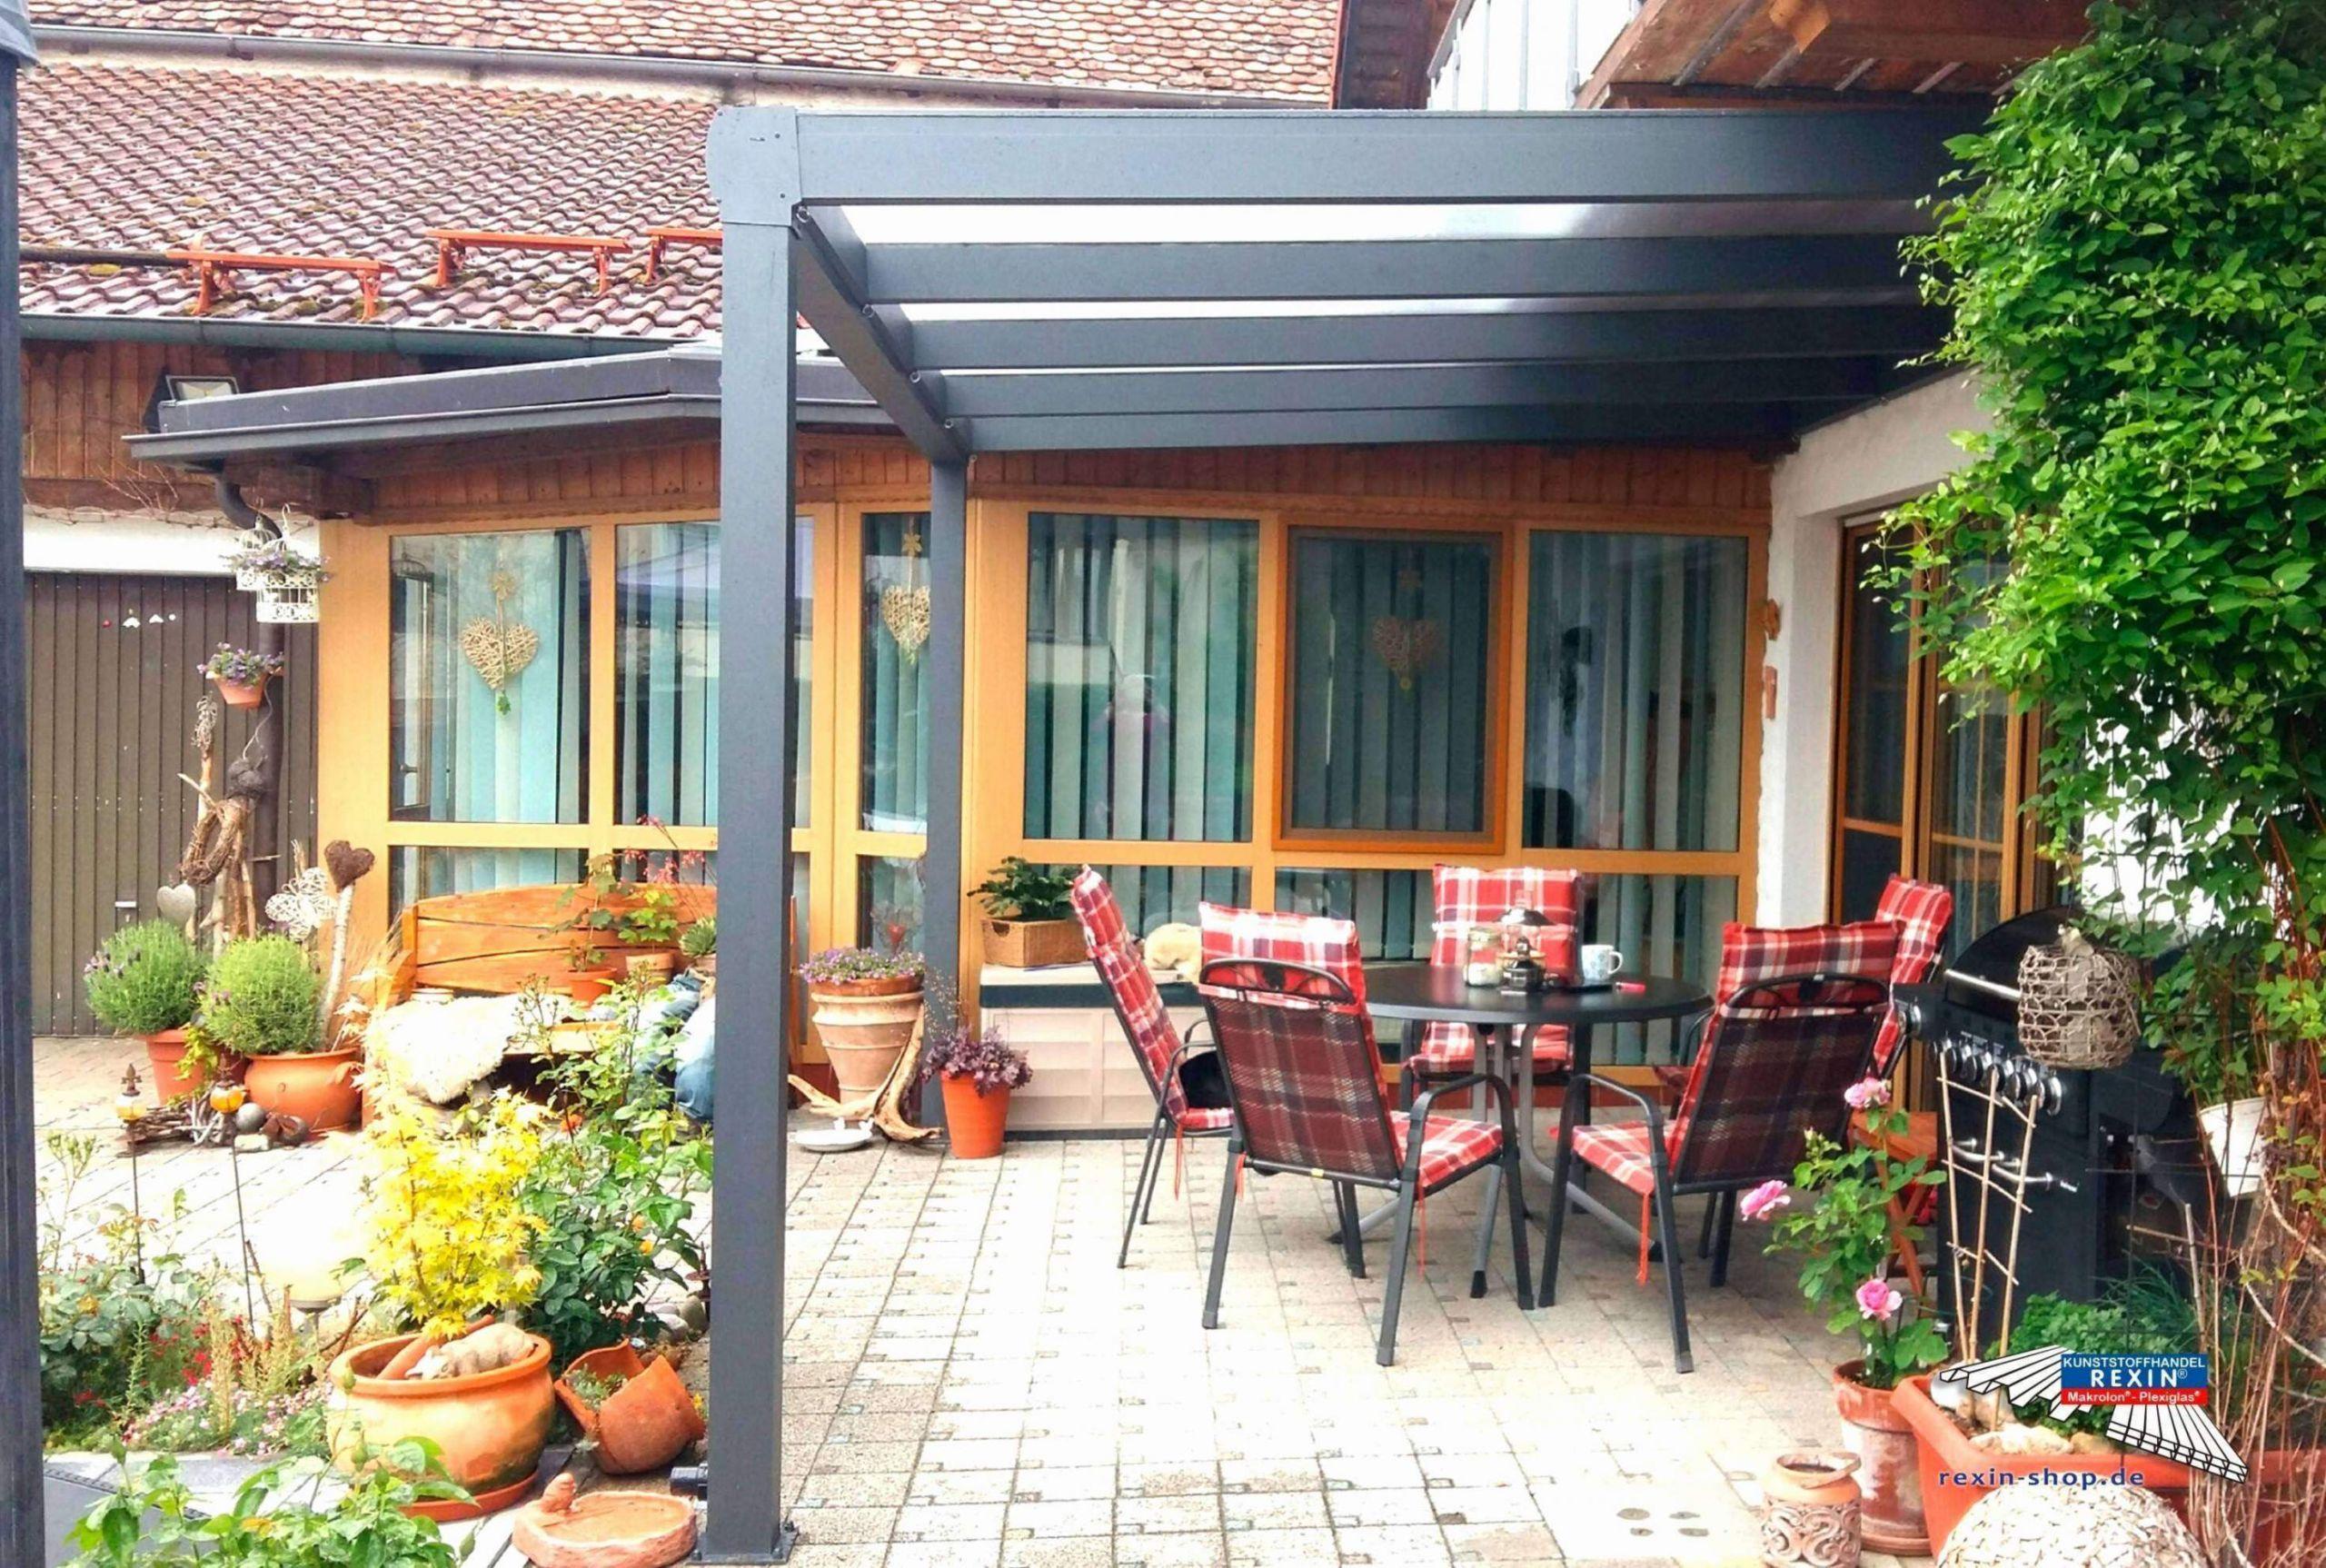 deko garten selber machen neu deko balkon schon balkon dekorieren 0d gartendeko selbst machen gartendeko selbst machen